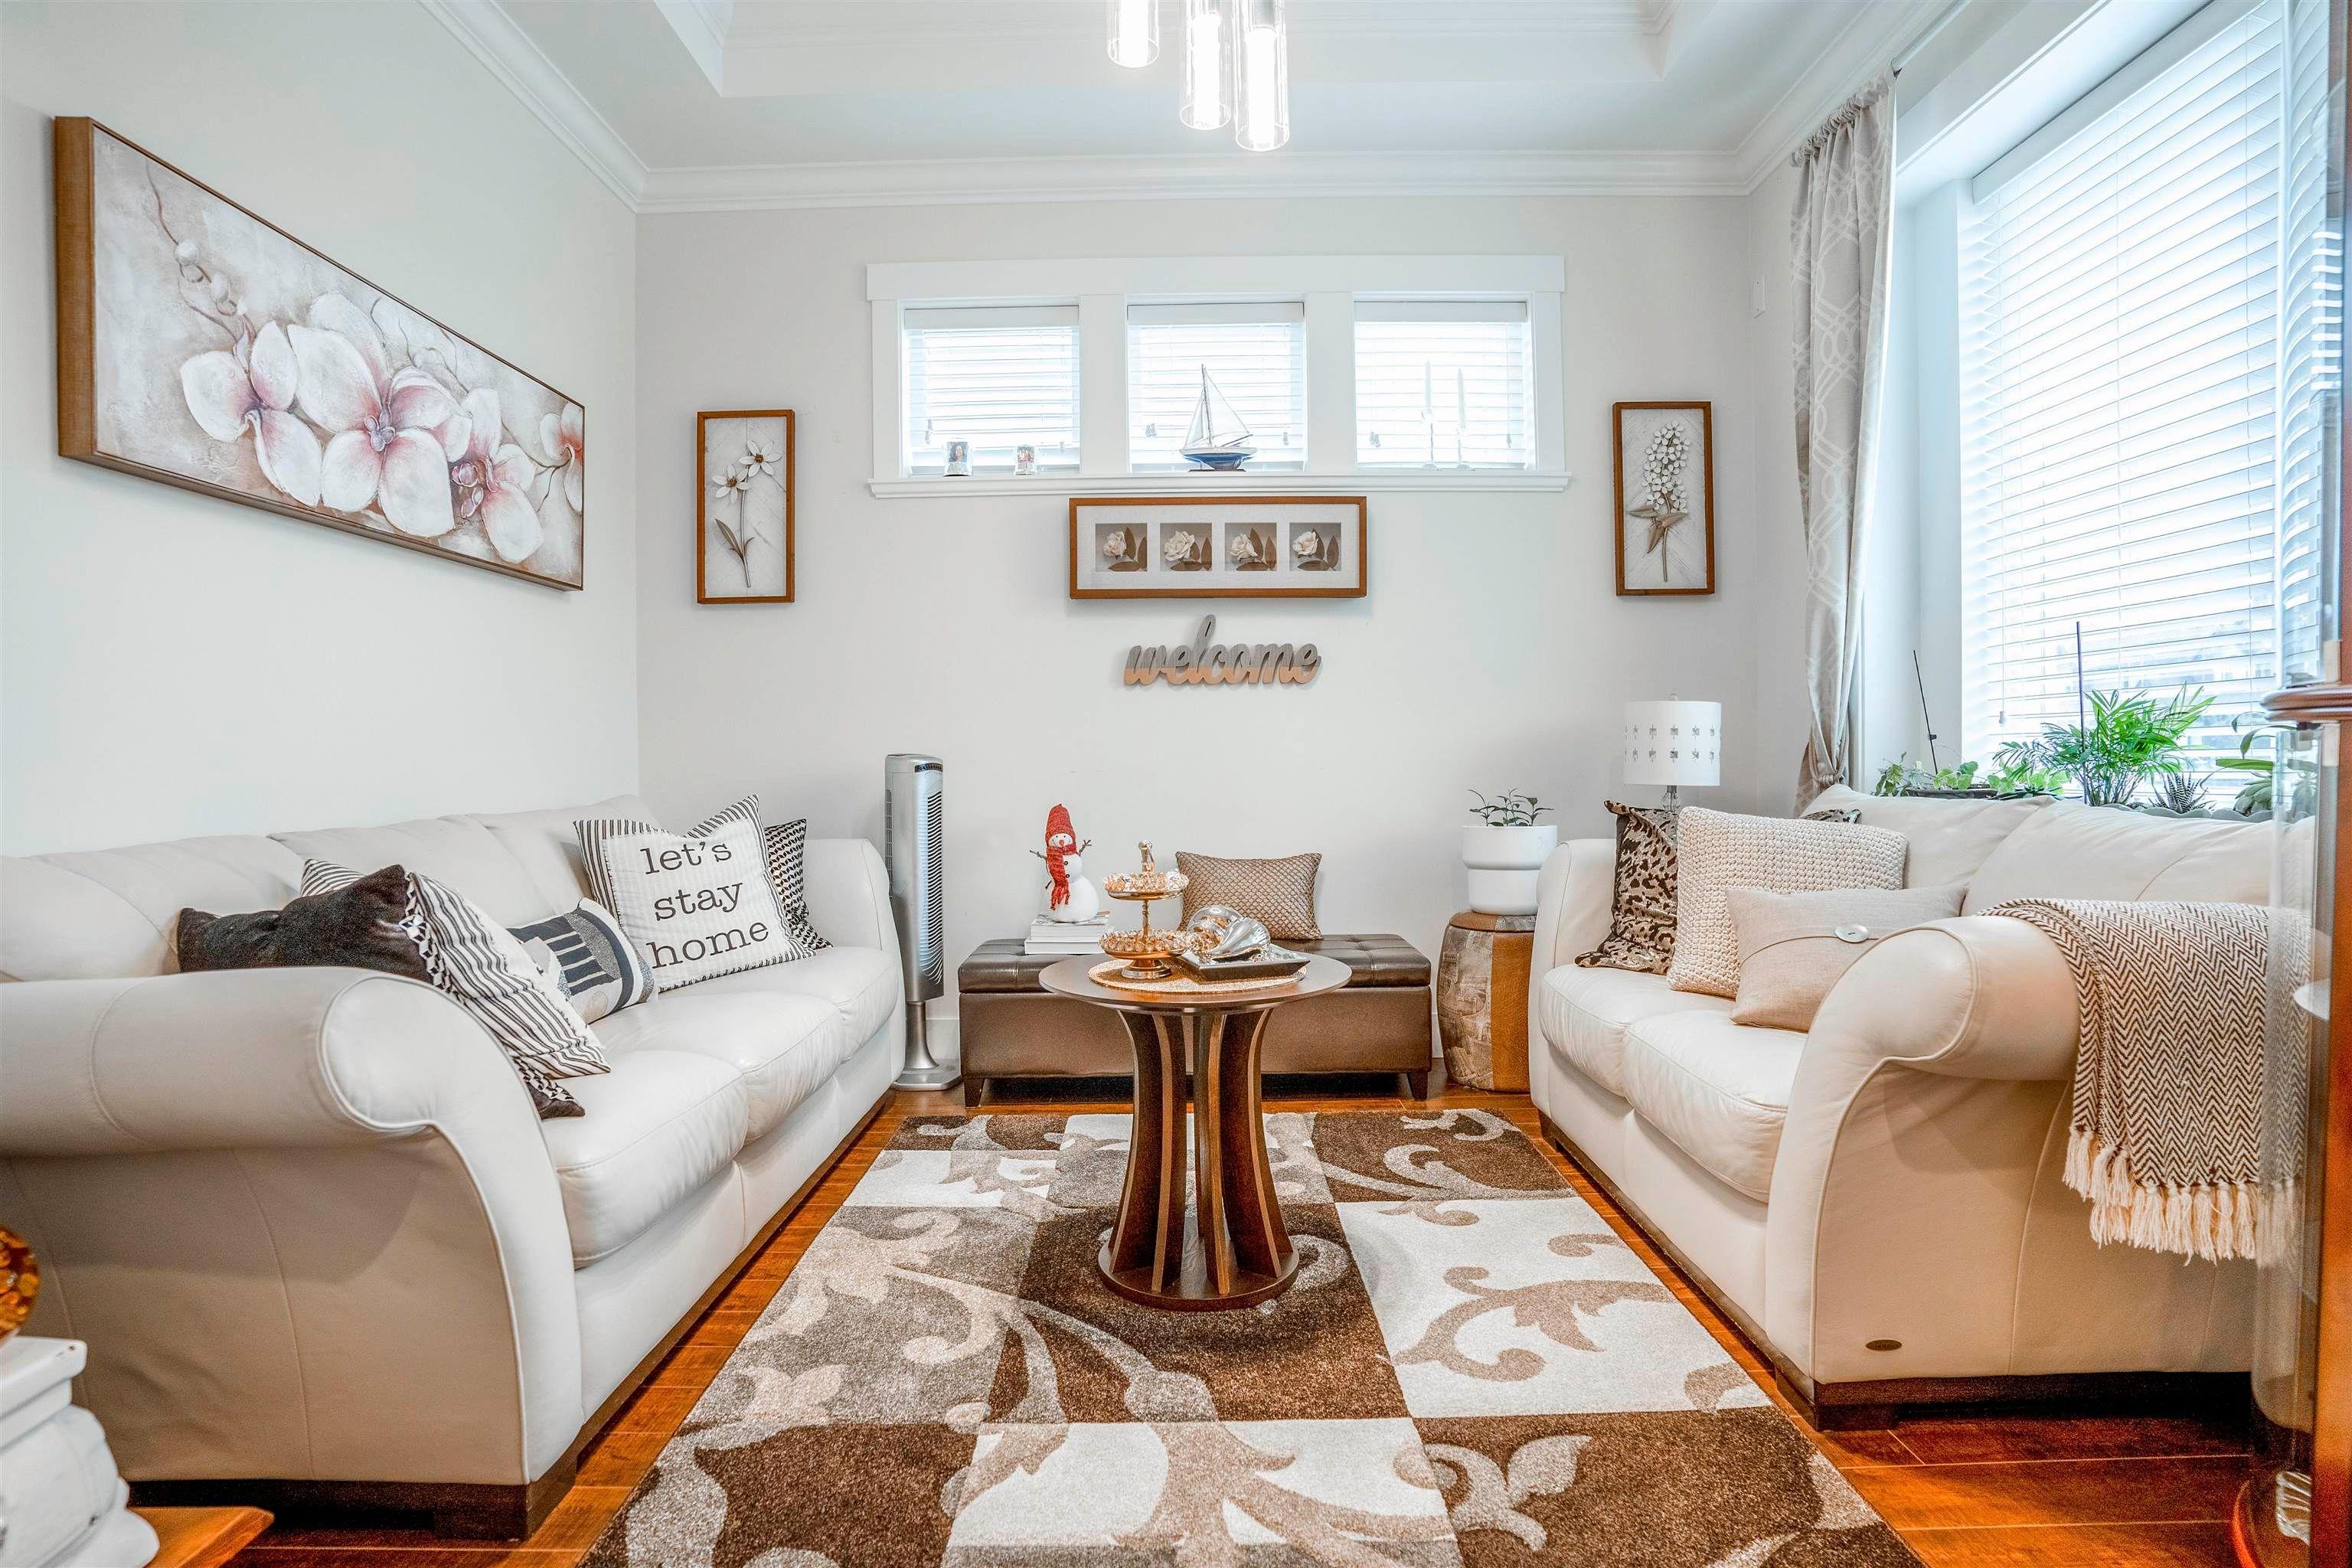 Main Photo: 7295 192 Street in Surrey: Clayton 1/2 Duplex for sale (Cloverdale)  : MLS®# R2624894